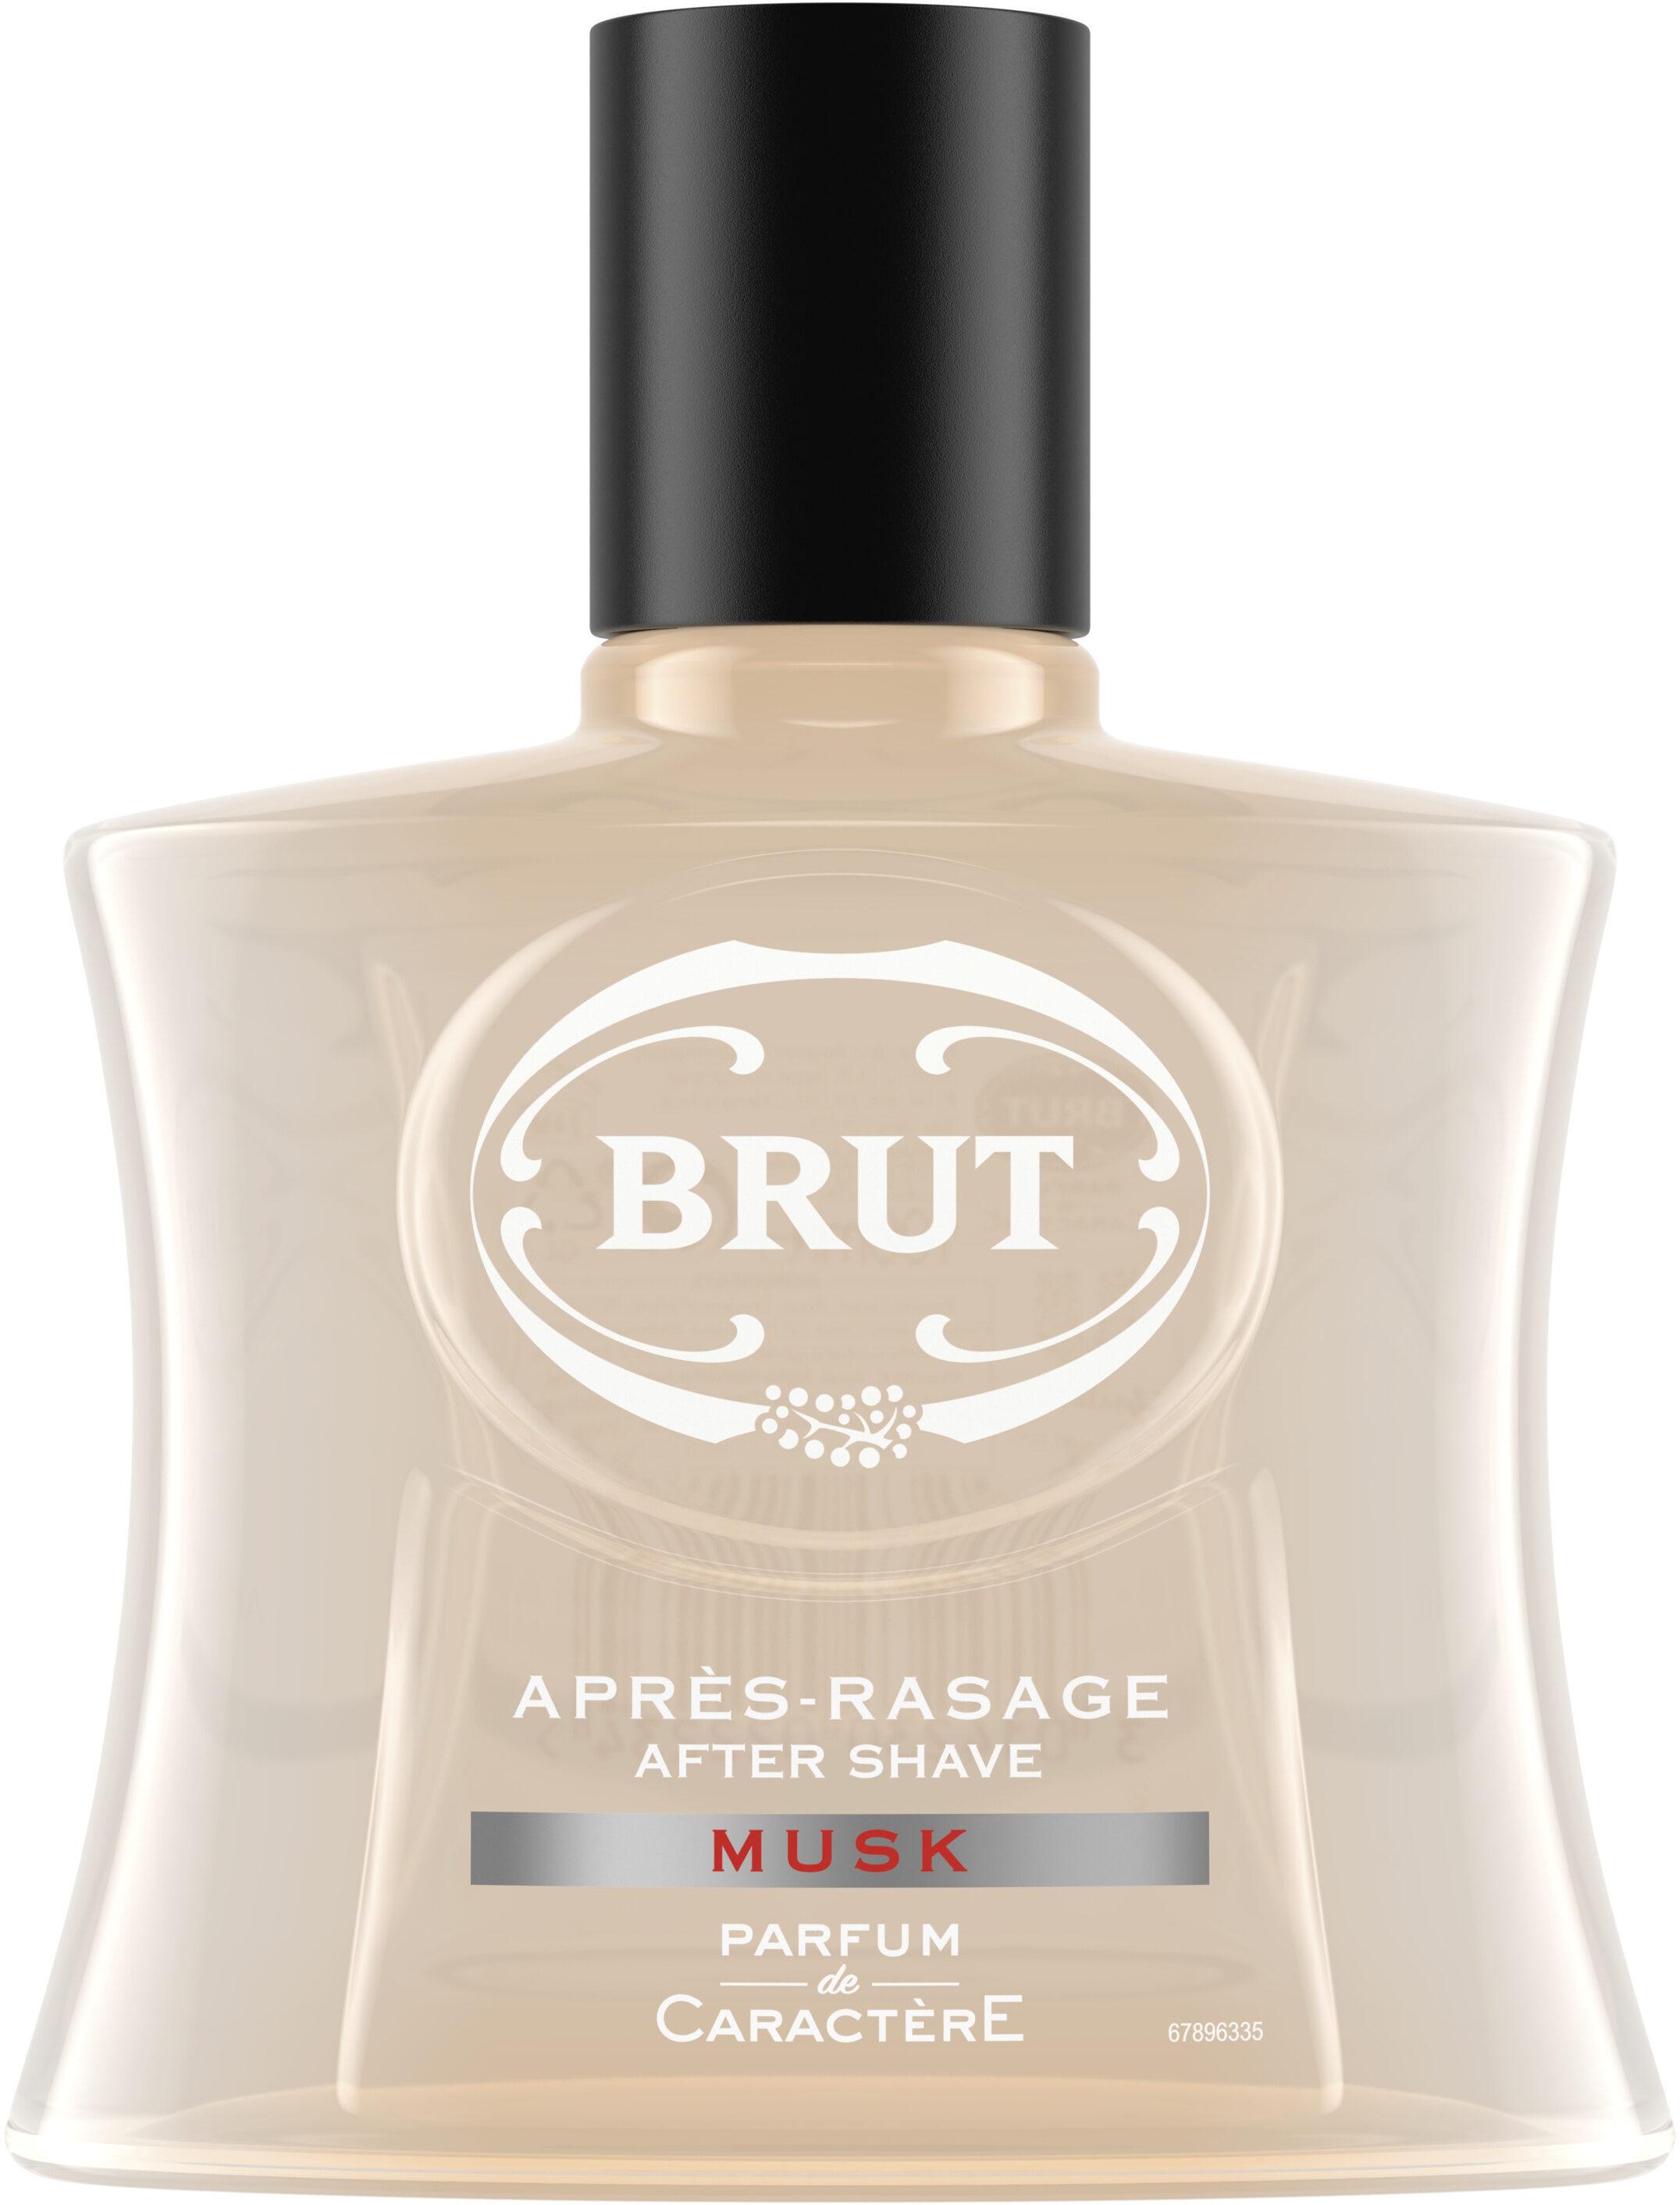 Brut Après Rasage Flacon Musk - Product - fr